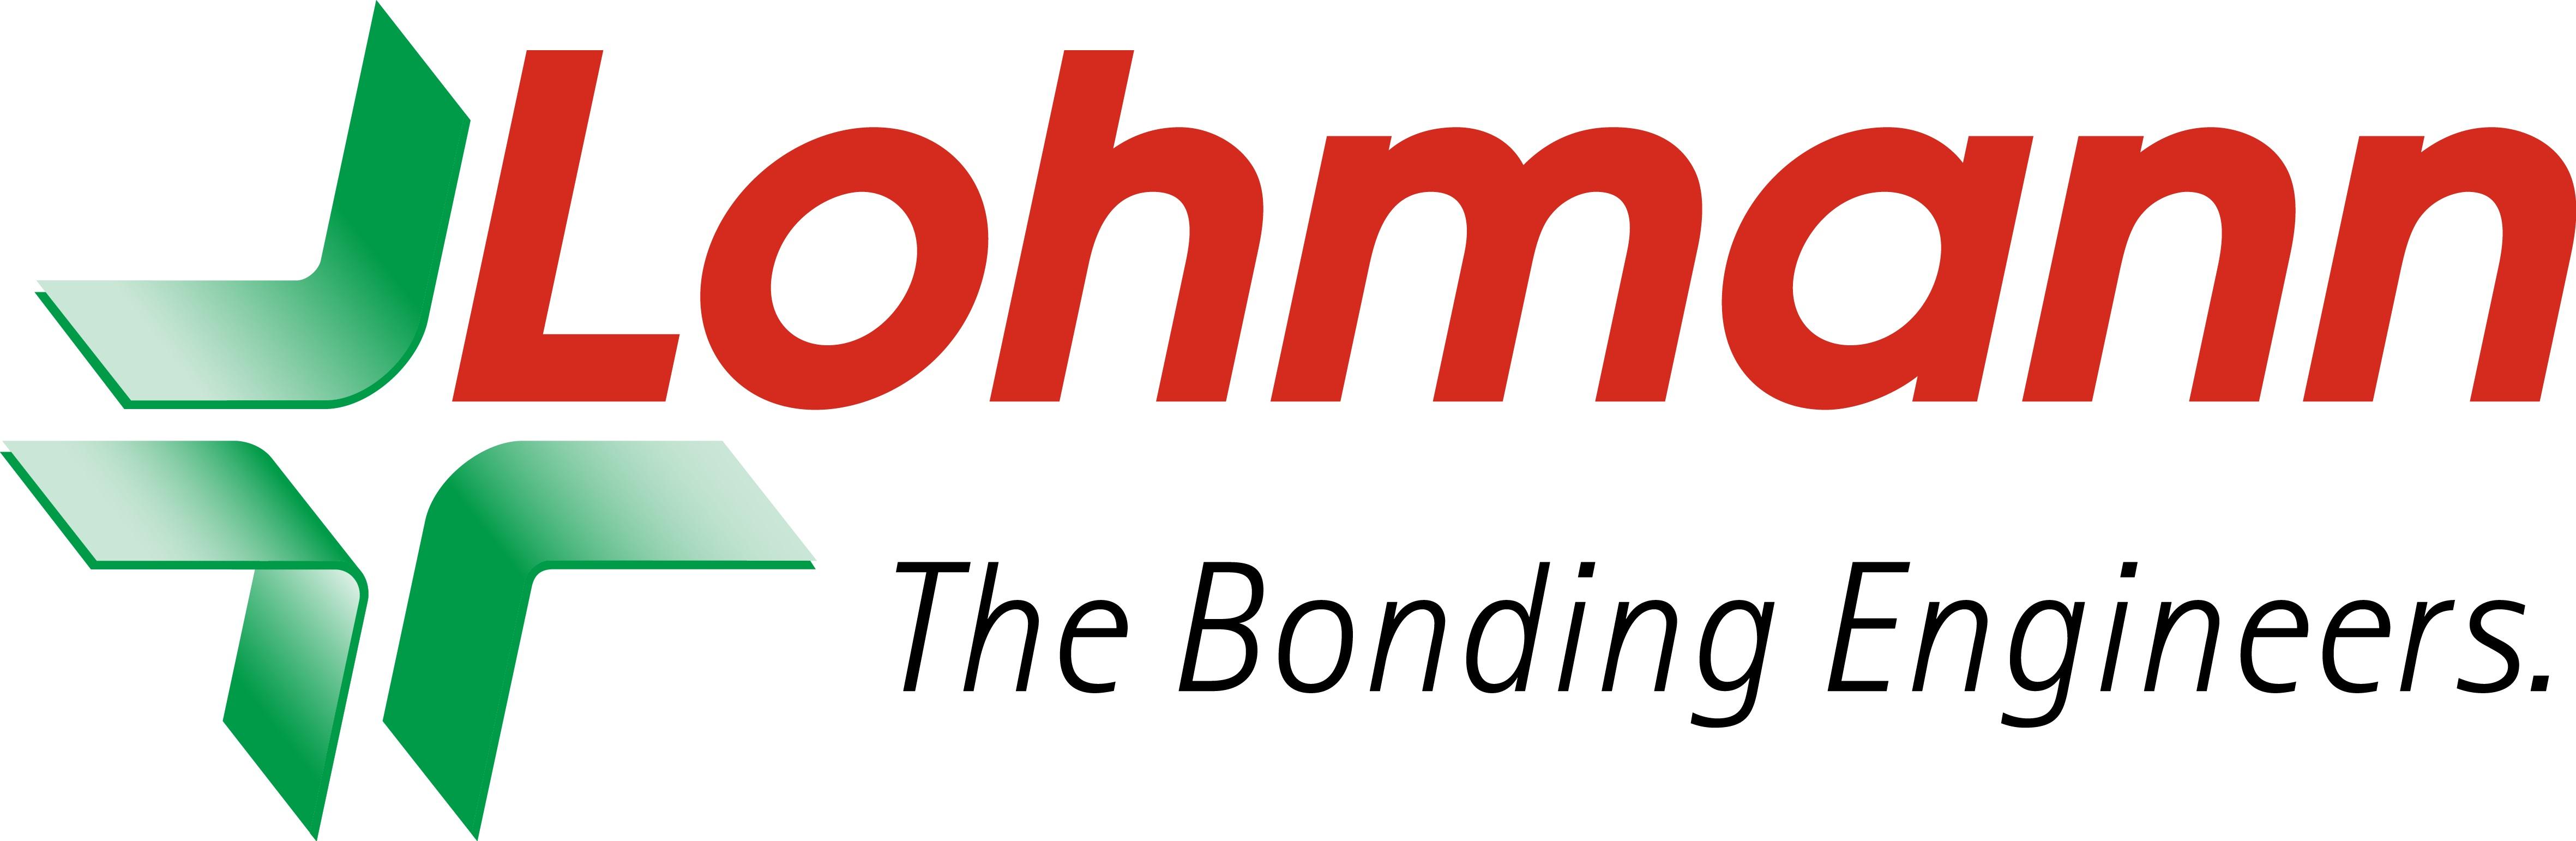 Lohmann GmbH & Co. KG logo